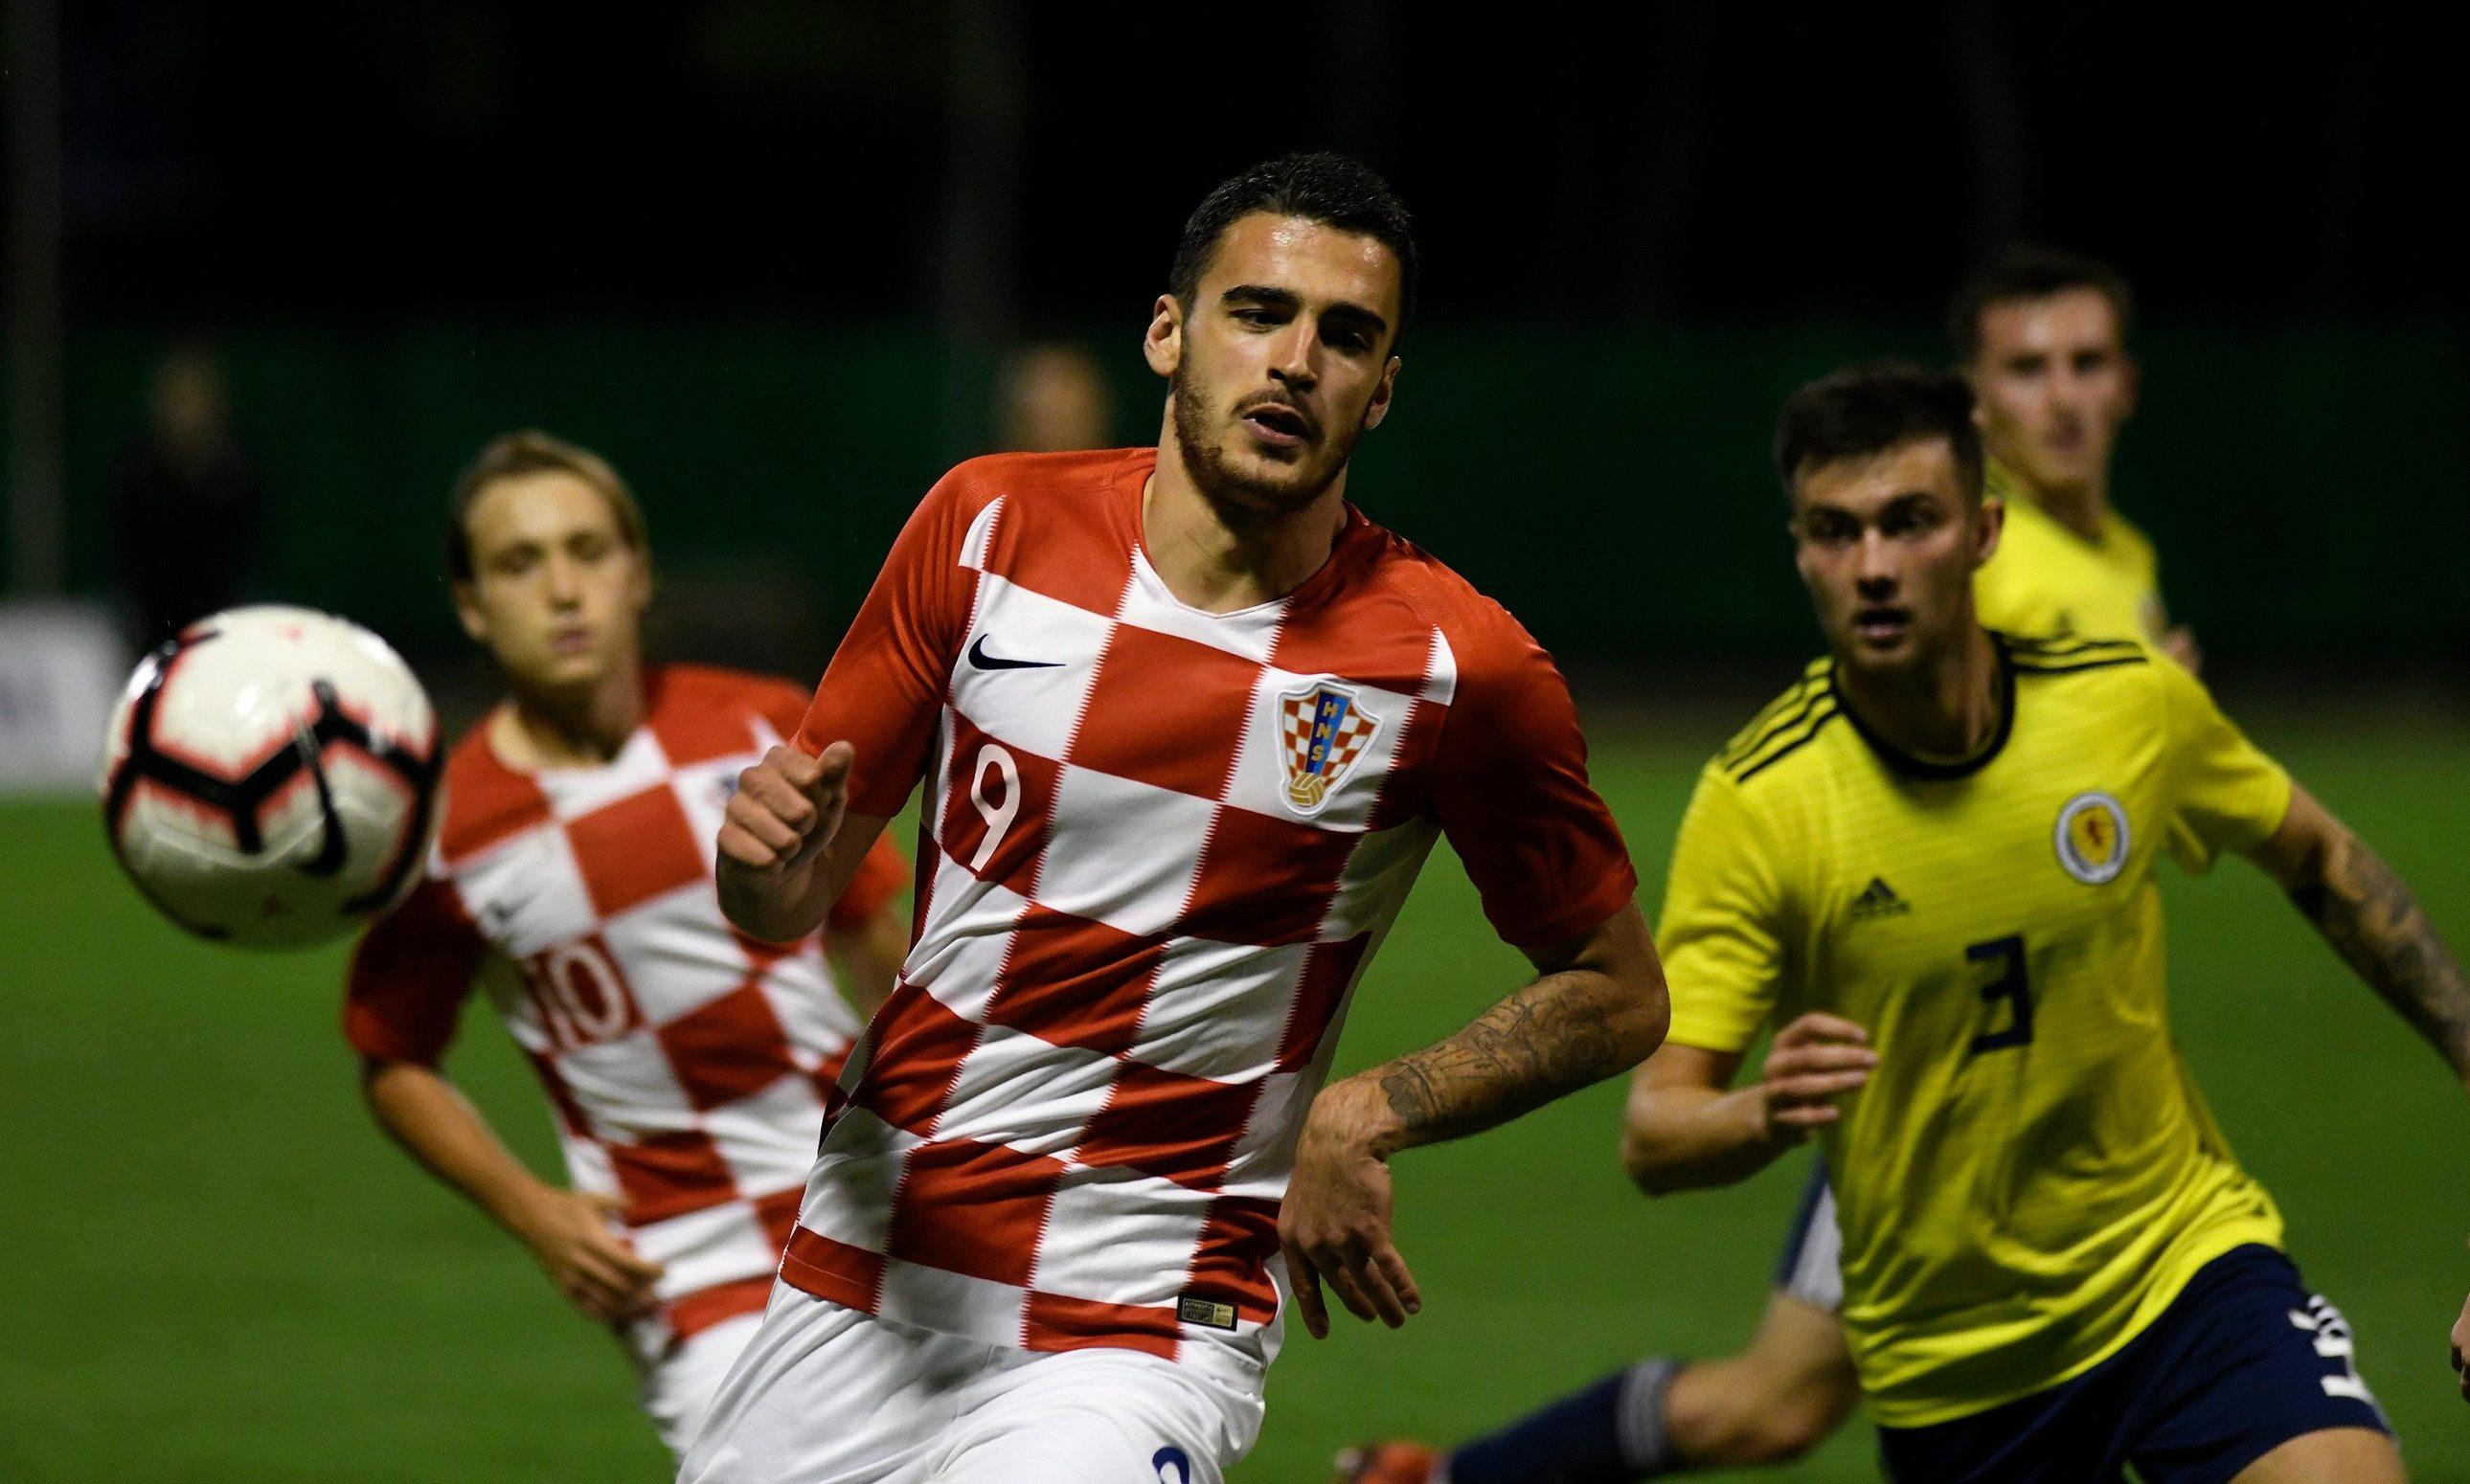 Sandro Kulenović